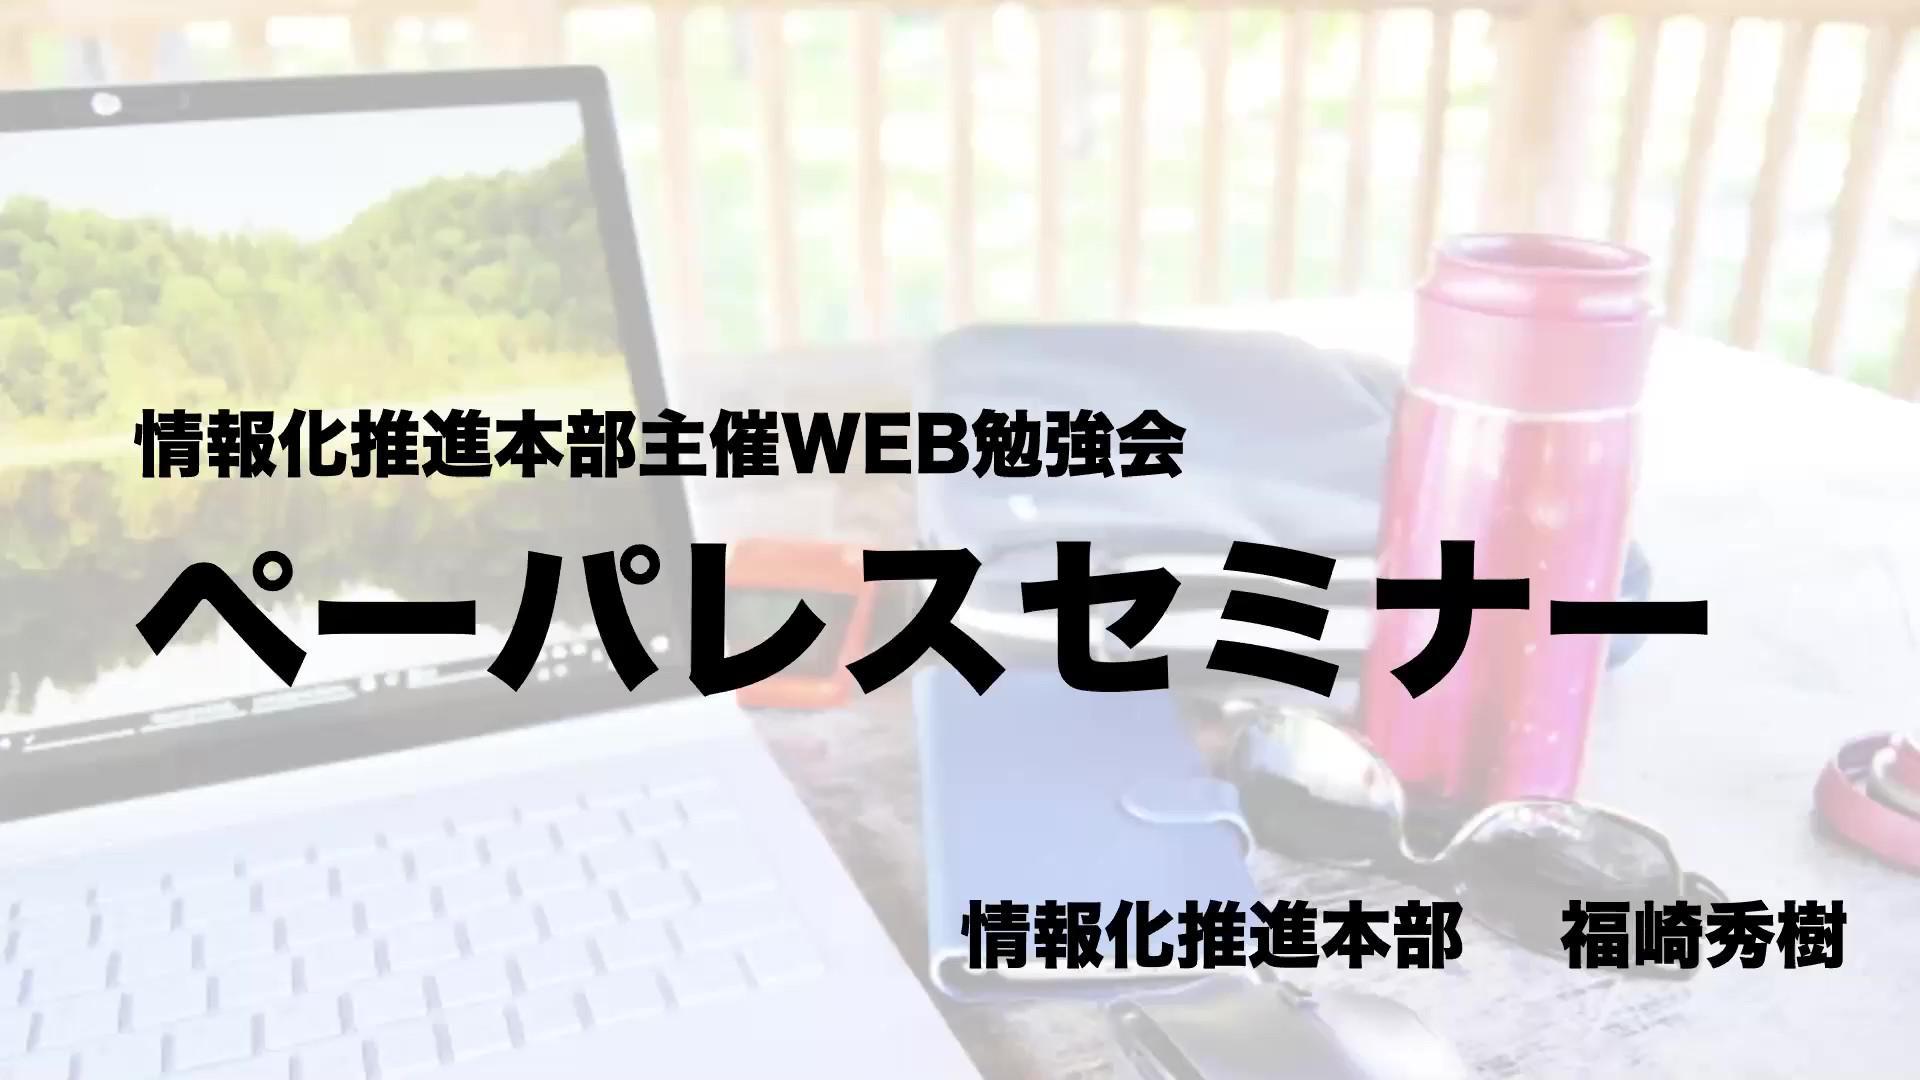 情報化推進本部主催 WEB勉強会「ペーパレスセミナー」②~事例紹介 ※開催終了しました